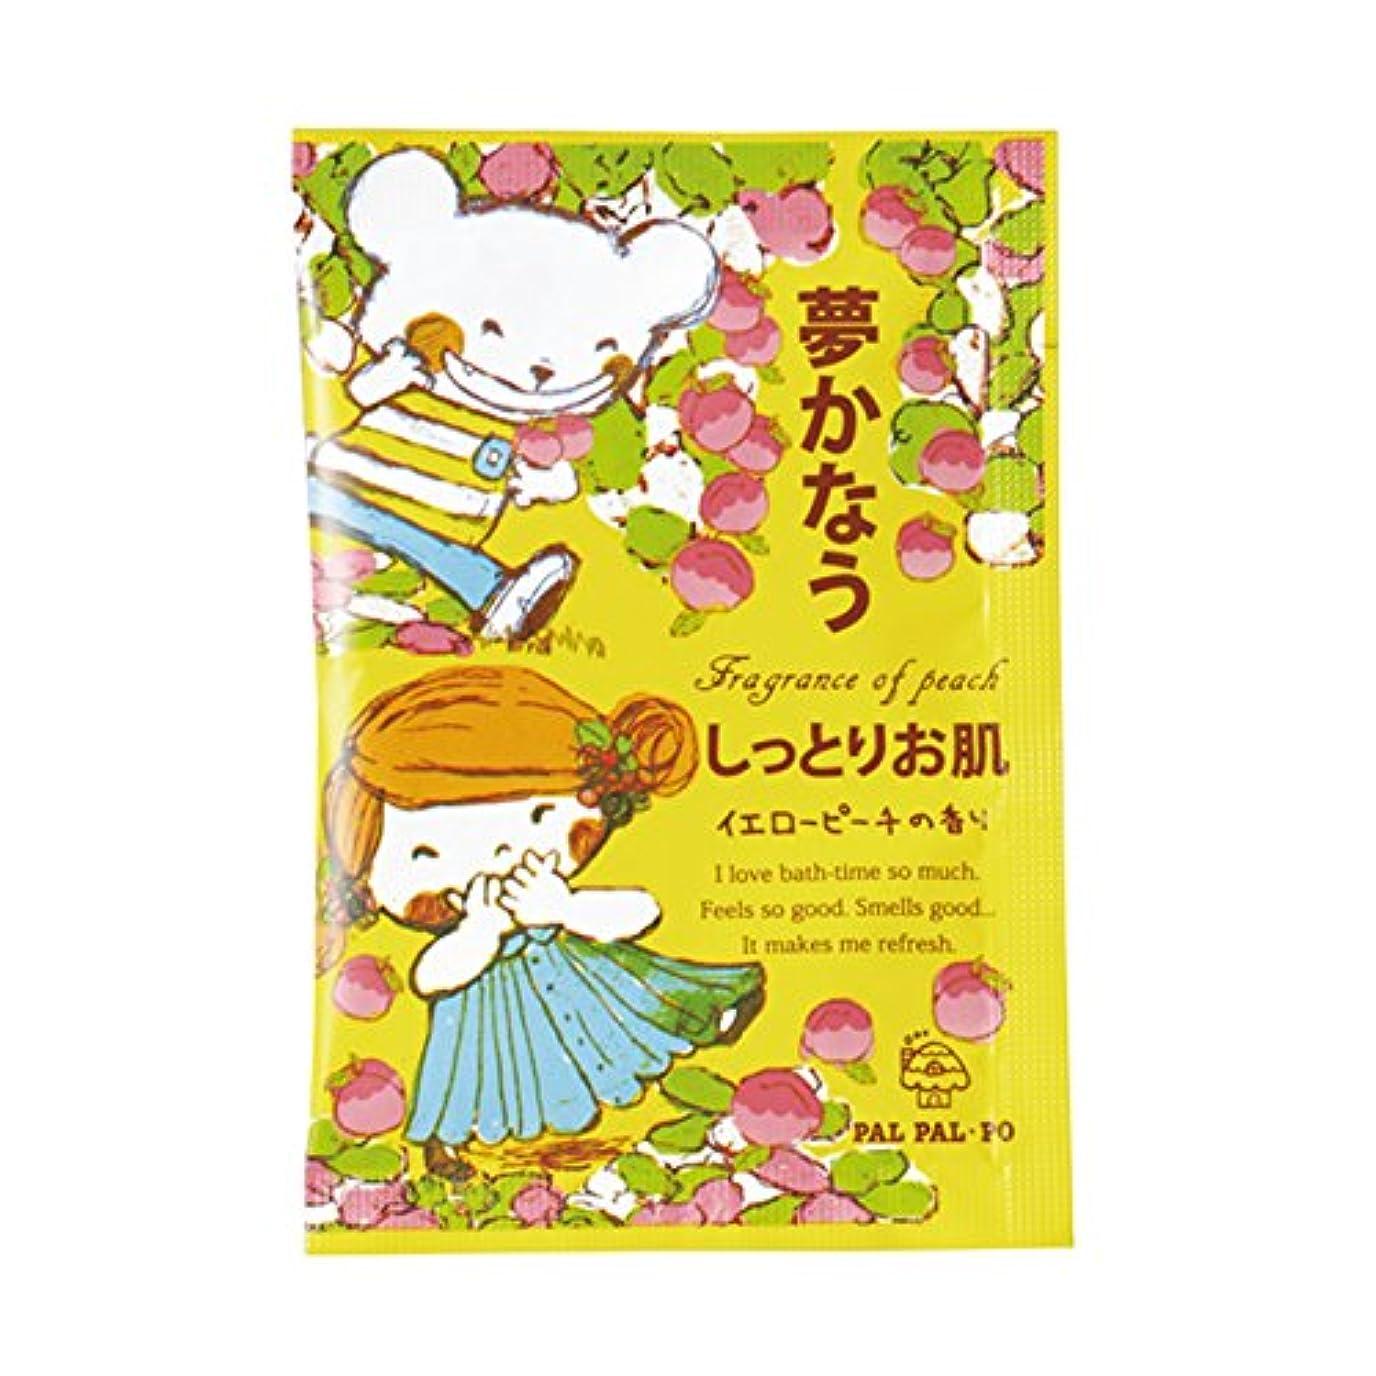 サンダル変わる流行パルパルポー入浴料 イエローピーチの香り 20g 40個